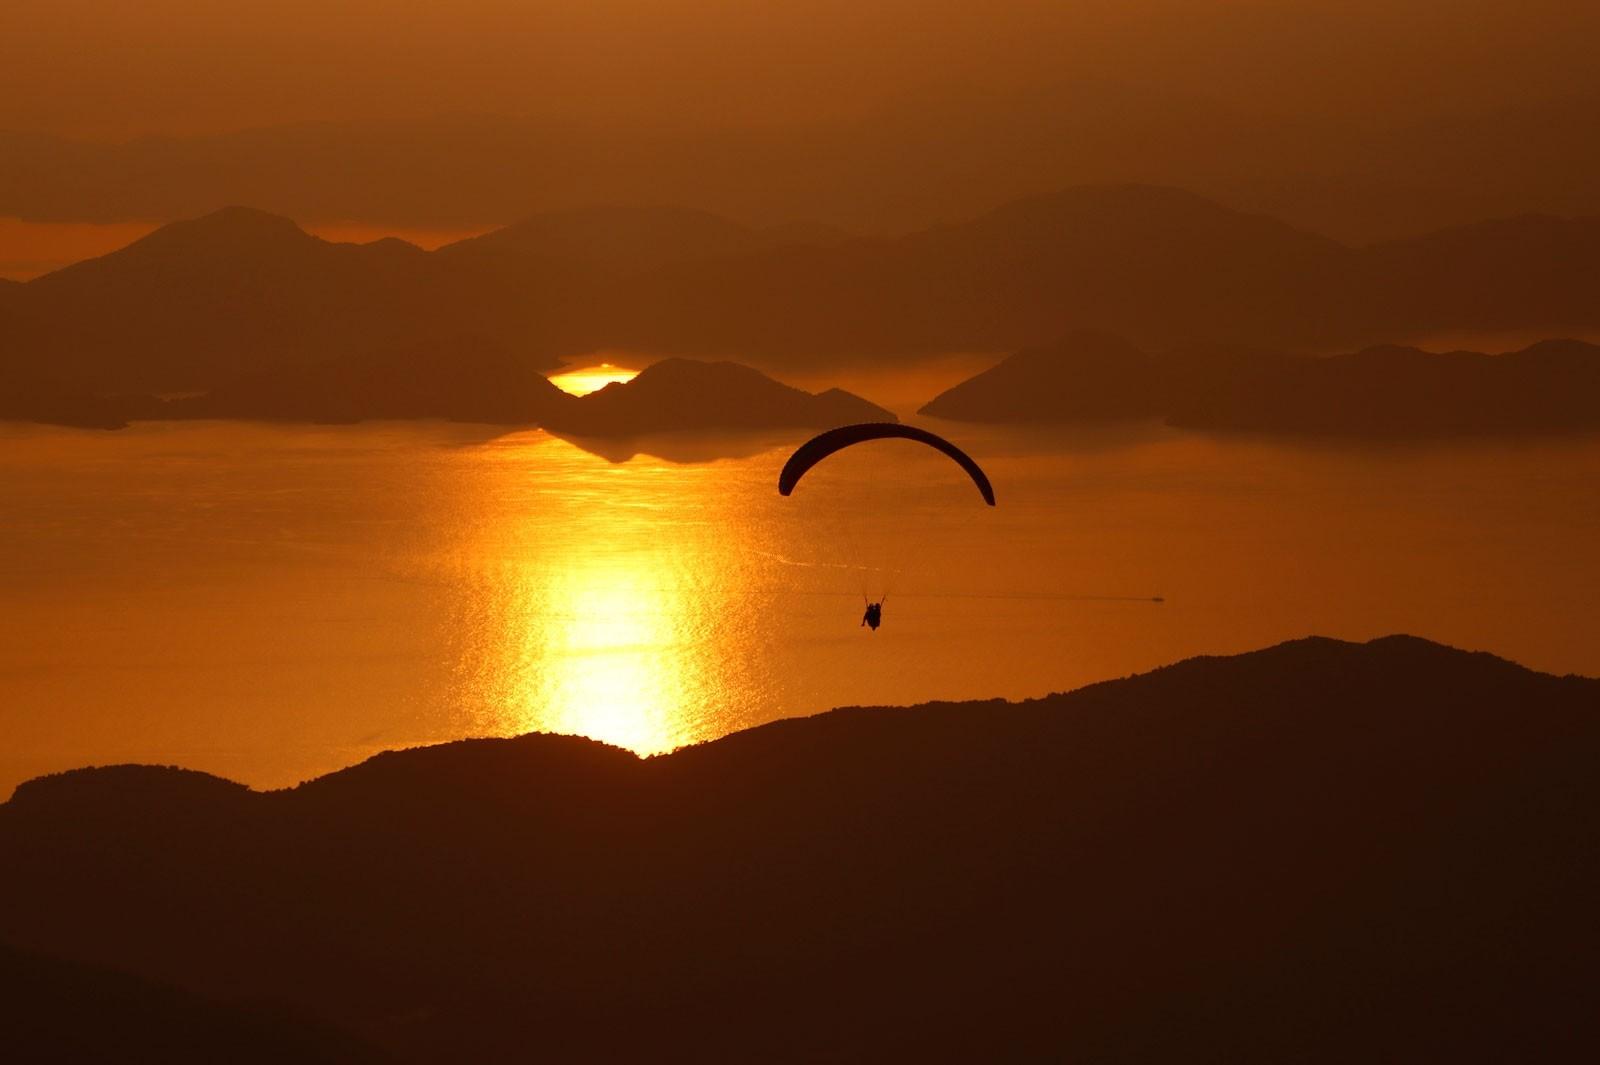 Параглайдинг в юго-западной турецкой провинции Мугла